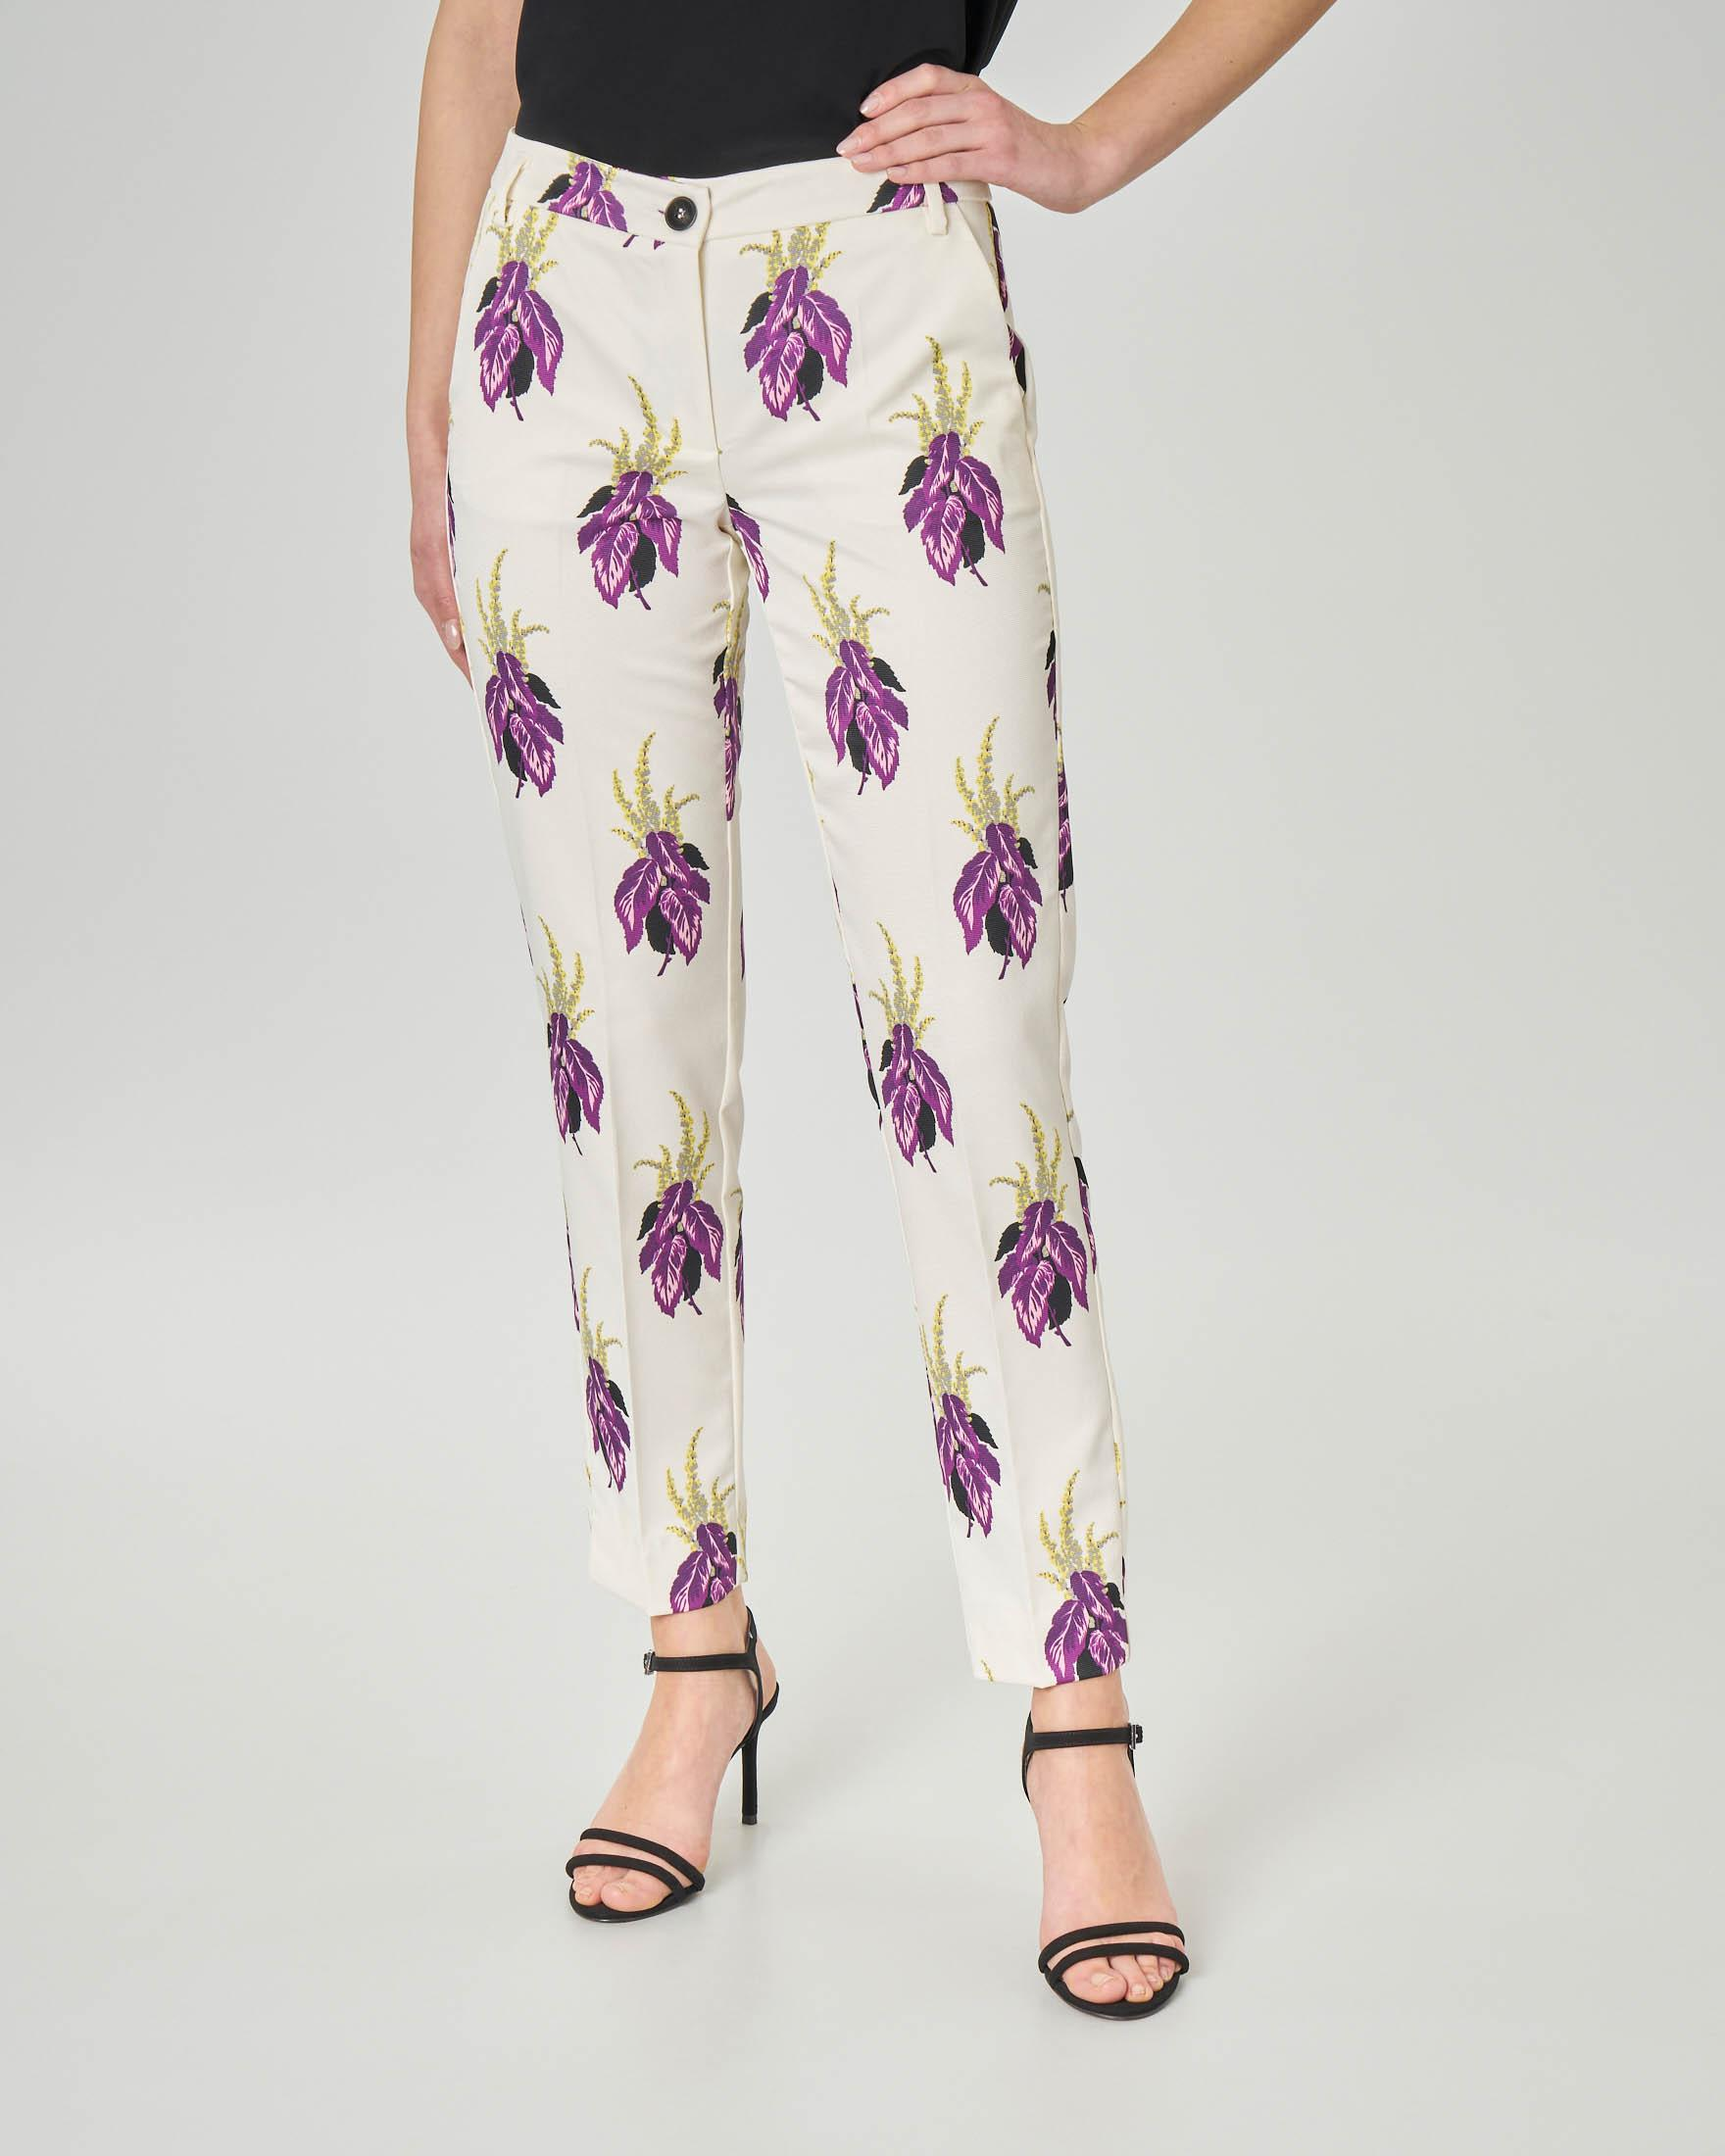 Pantaloni dritti alla caviglia color avorio a stampa floreale